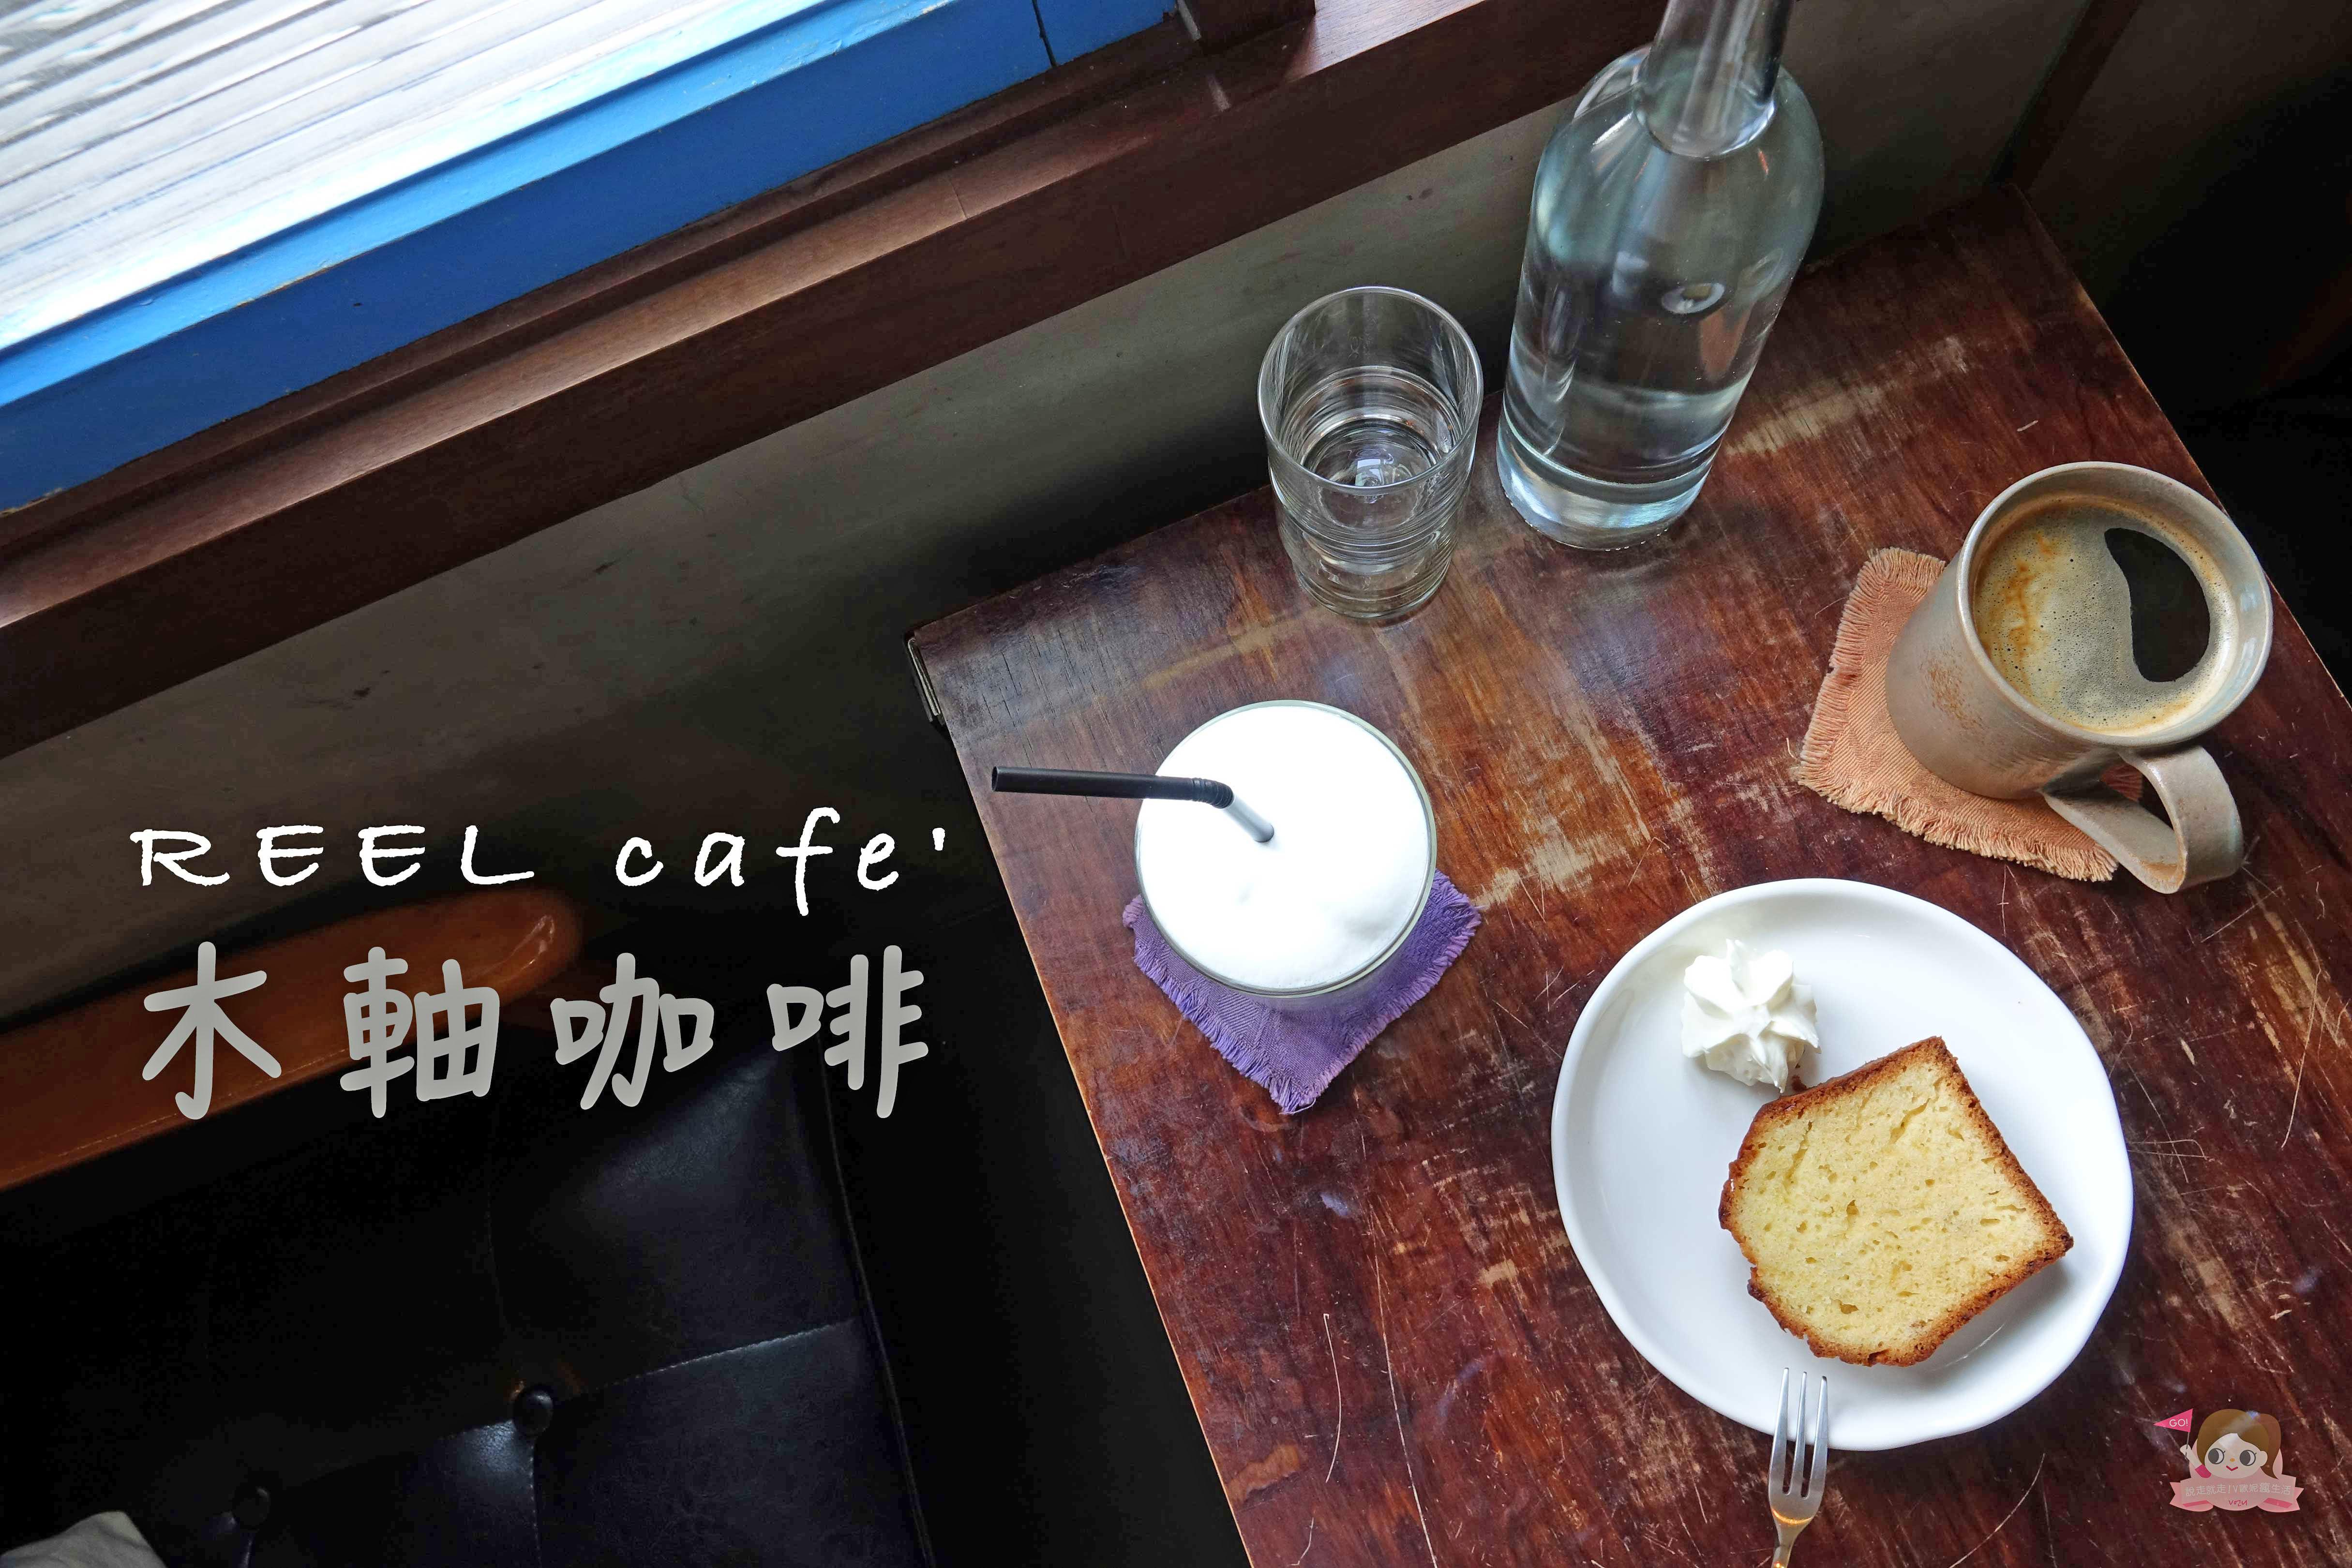 Reel cafe' 木軸咖啡館,老物.咖啡.輕食編織出的好時光 | 高雄三民區.澄清湖